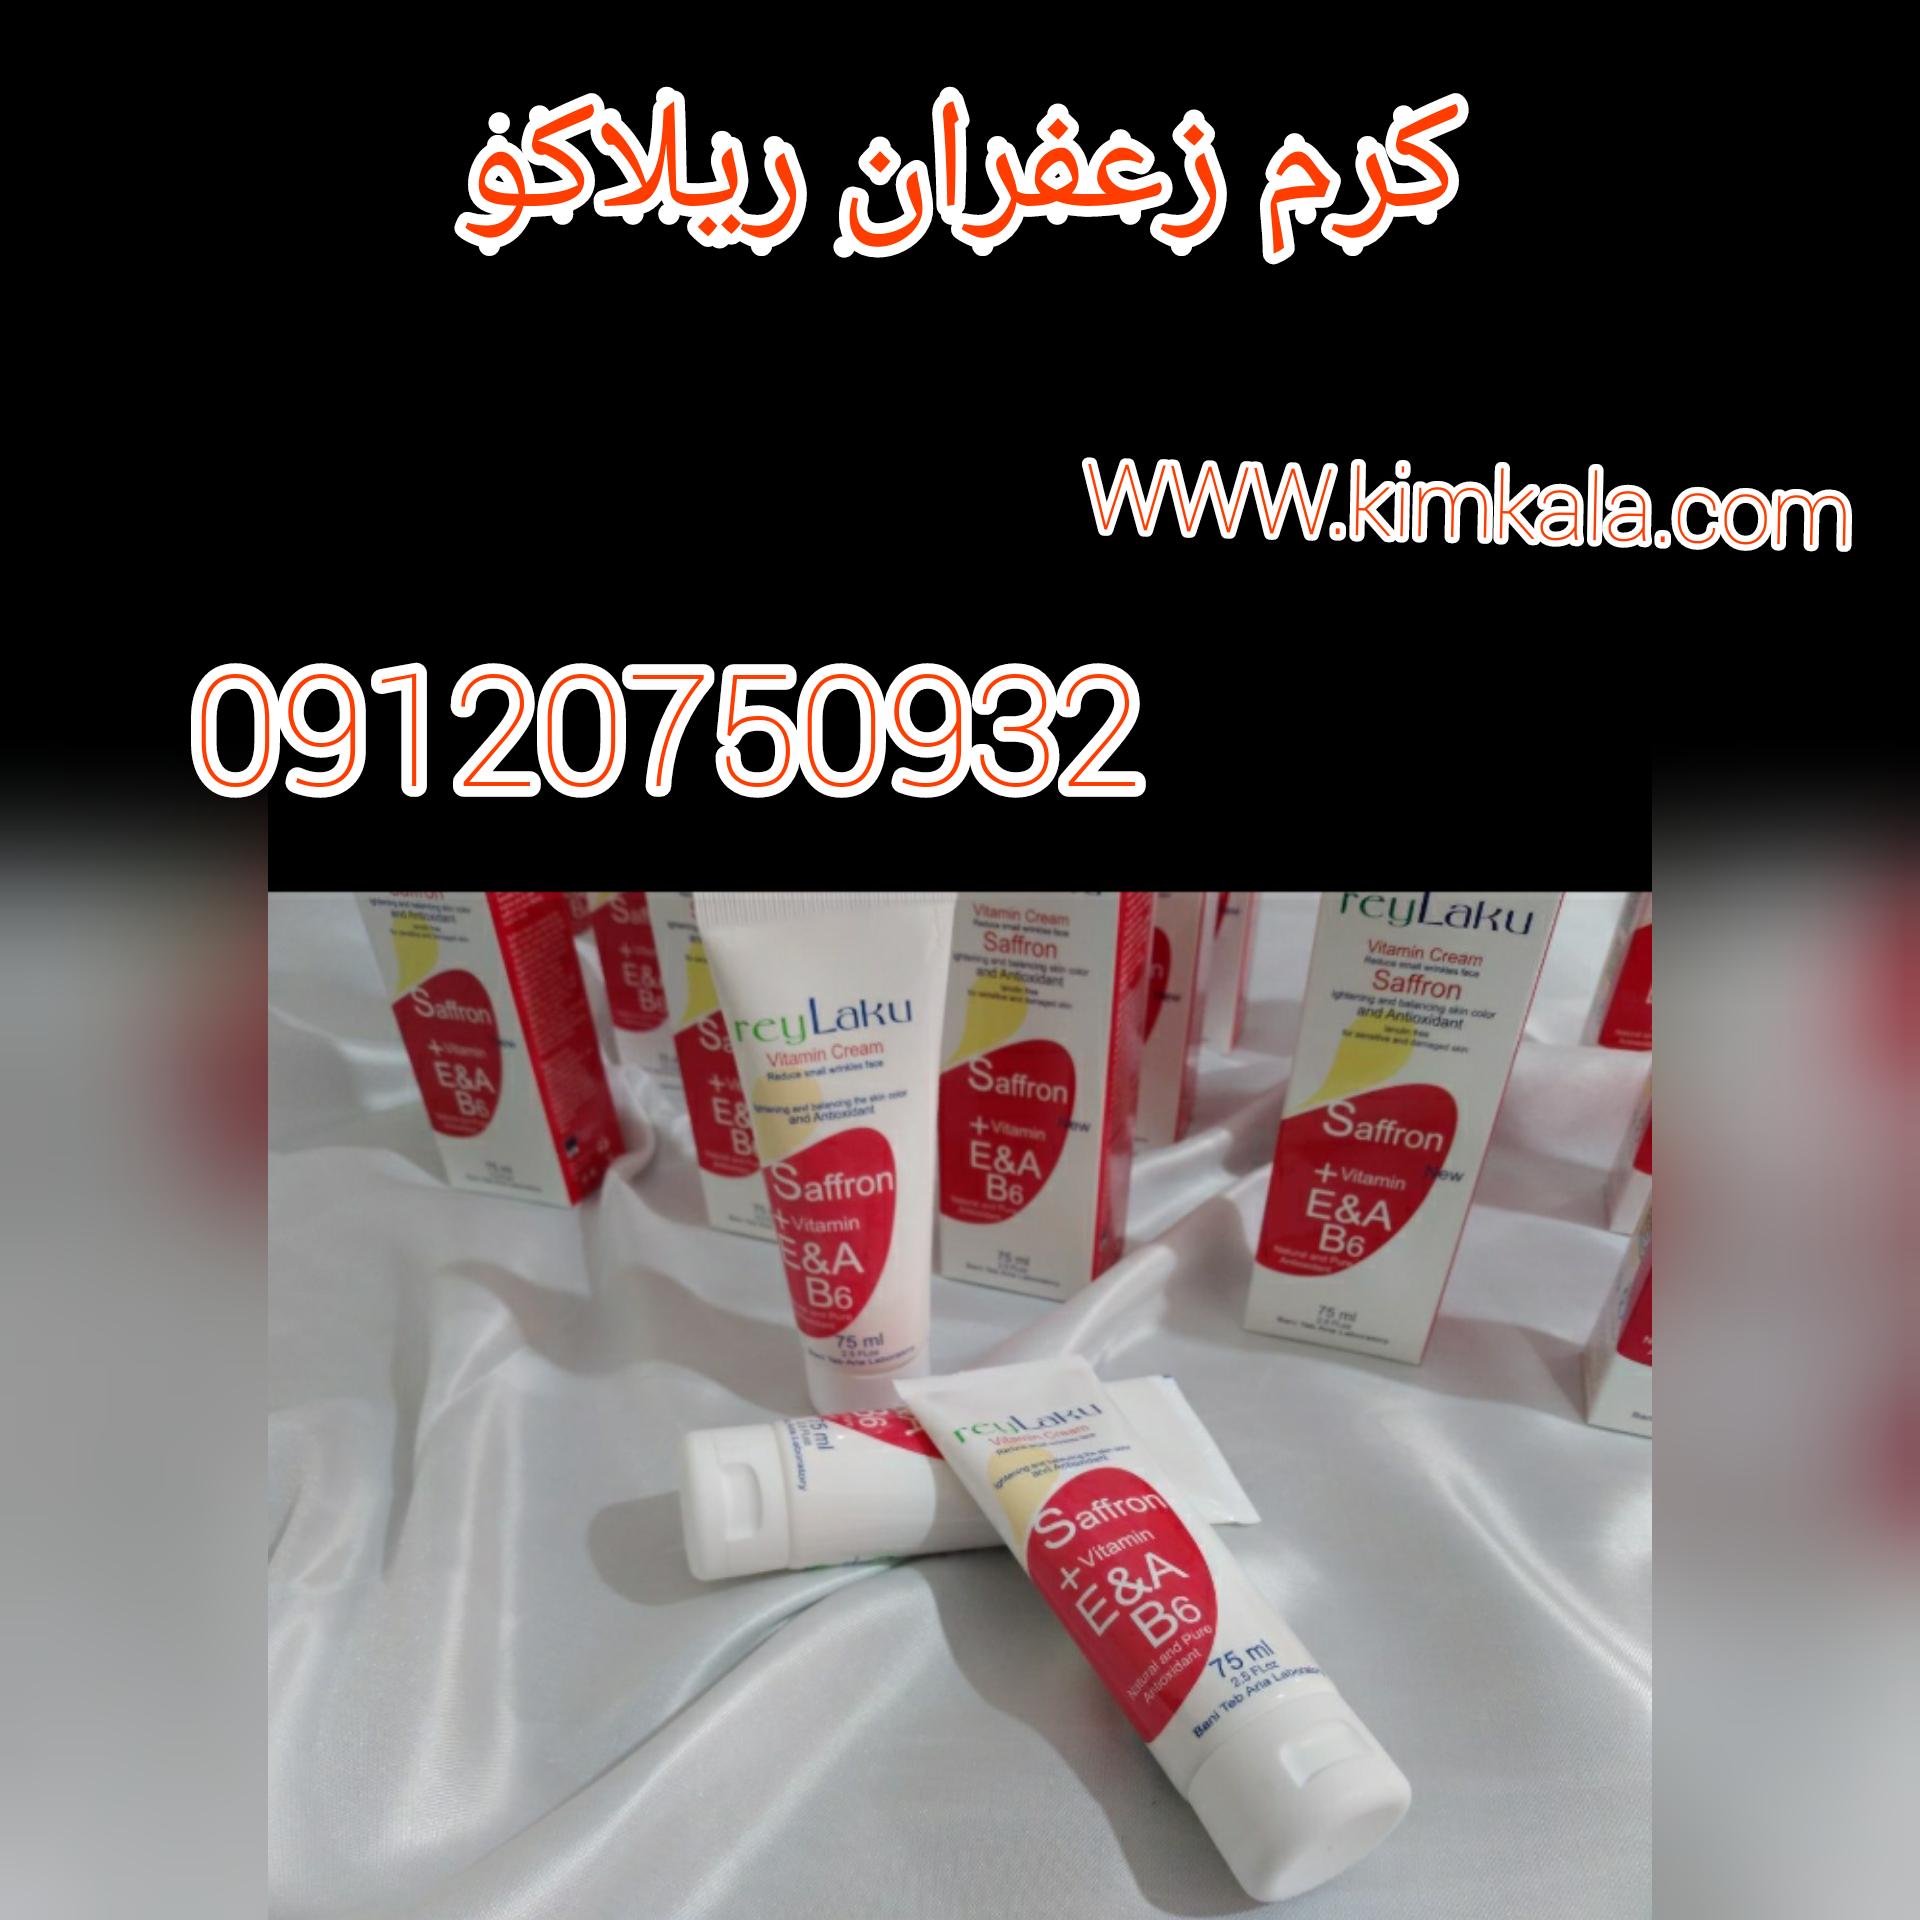 کرم زعفران ریلاکو/09120750932/ترکیبات کرم زعفران